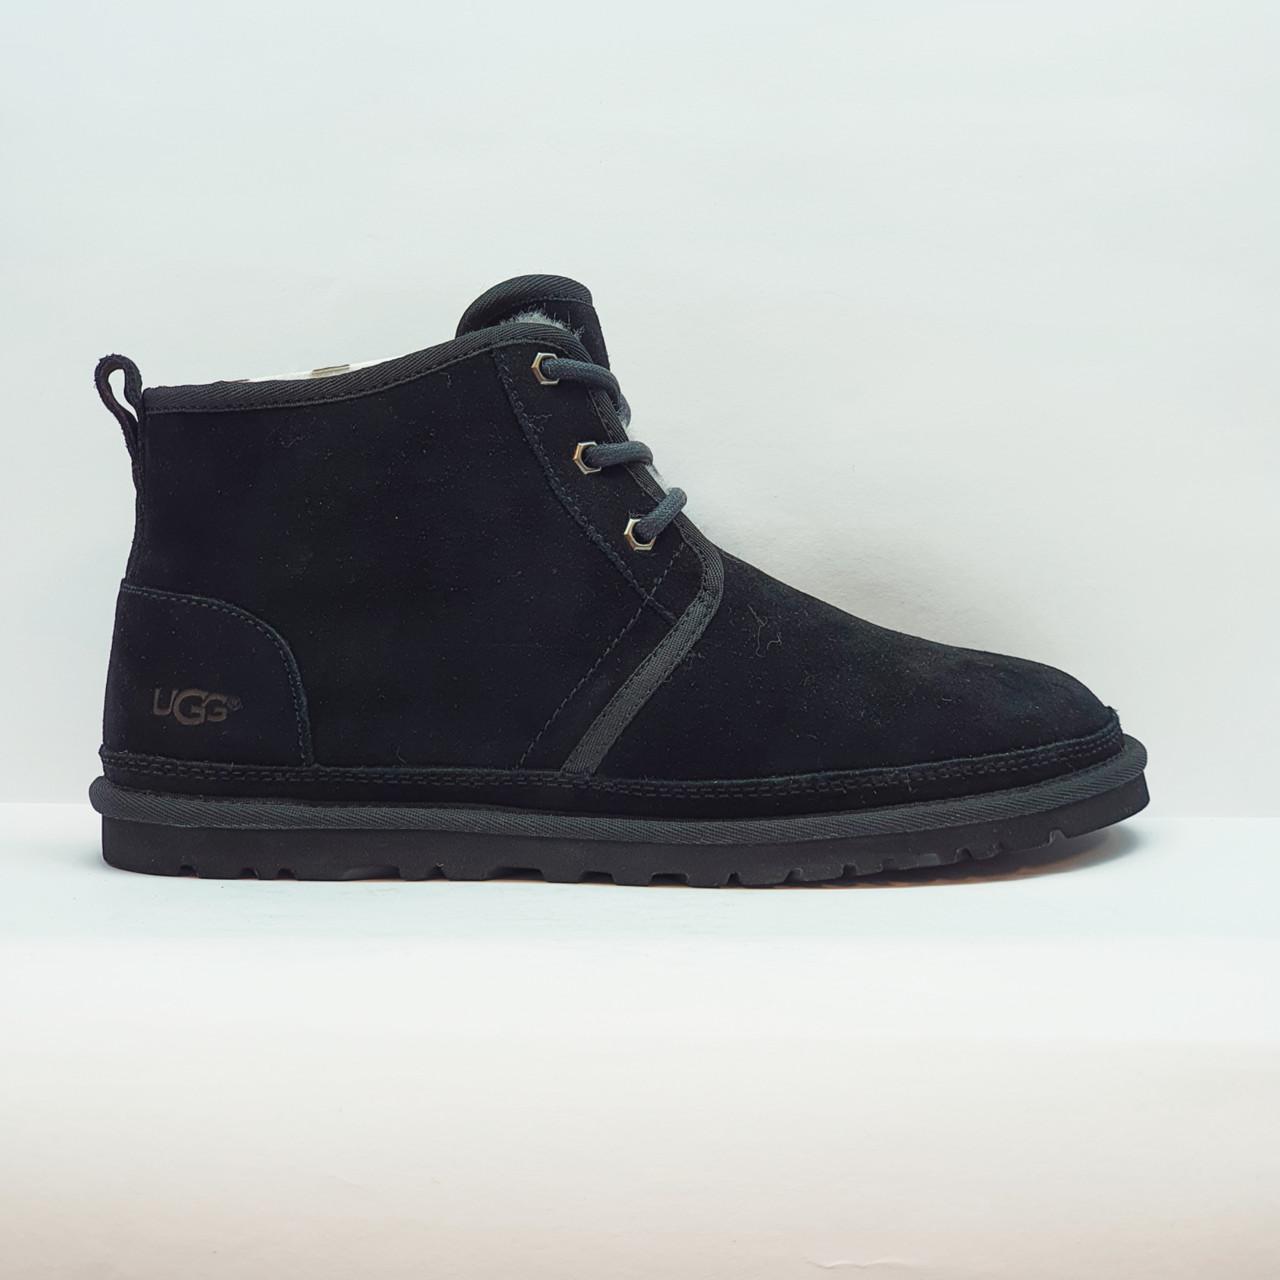 Угги, ботинки зимние мужские повседневные из натуральной замши и овчины черные 44